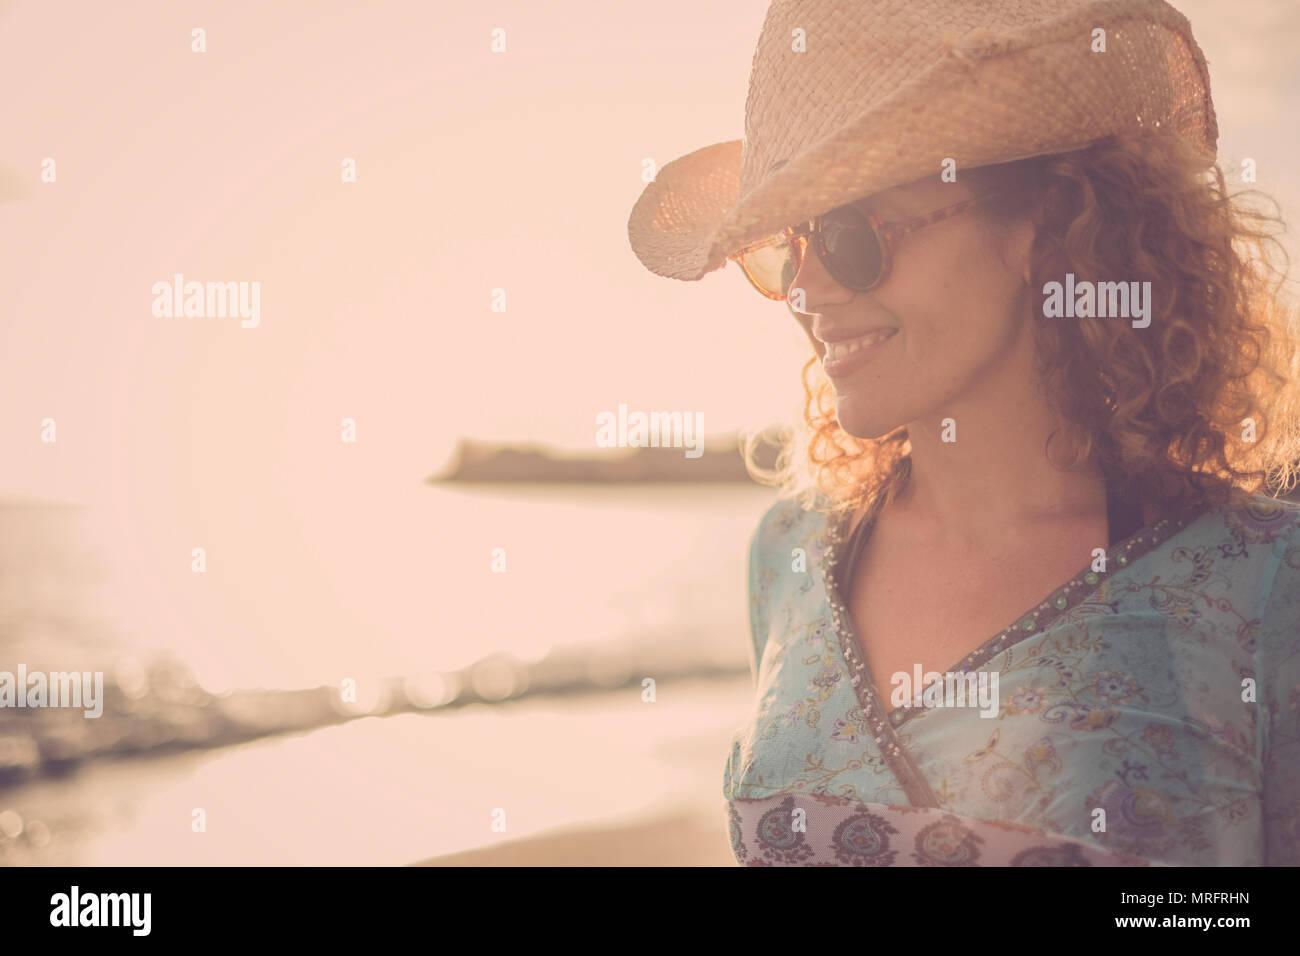 Schöne und wunderbare blondes lockiges Haar Modell mittleren Alters mit Cowboyhut Lächeln und am Strand mit goldenen Sonnenuntergang im Hintergrund darstellen. Farbige ein Stockbild